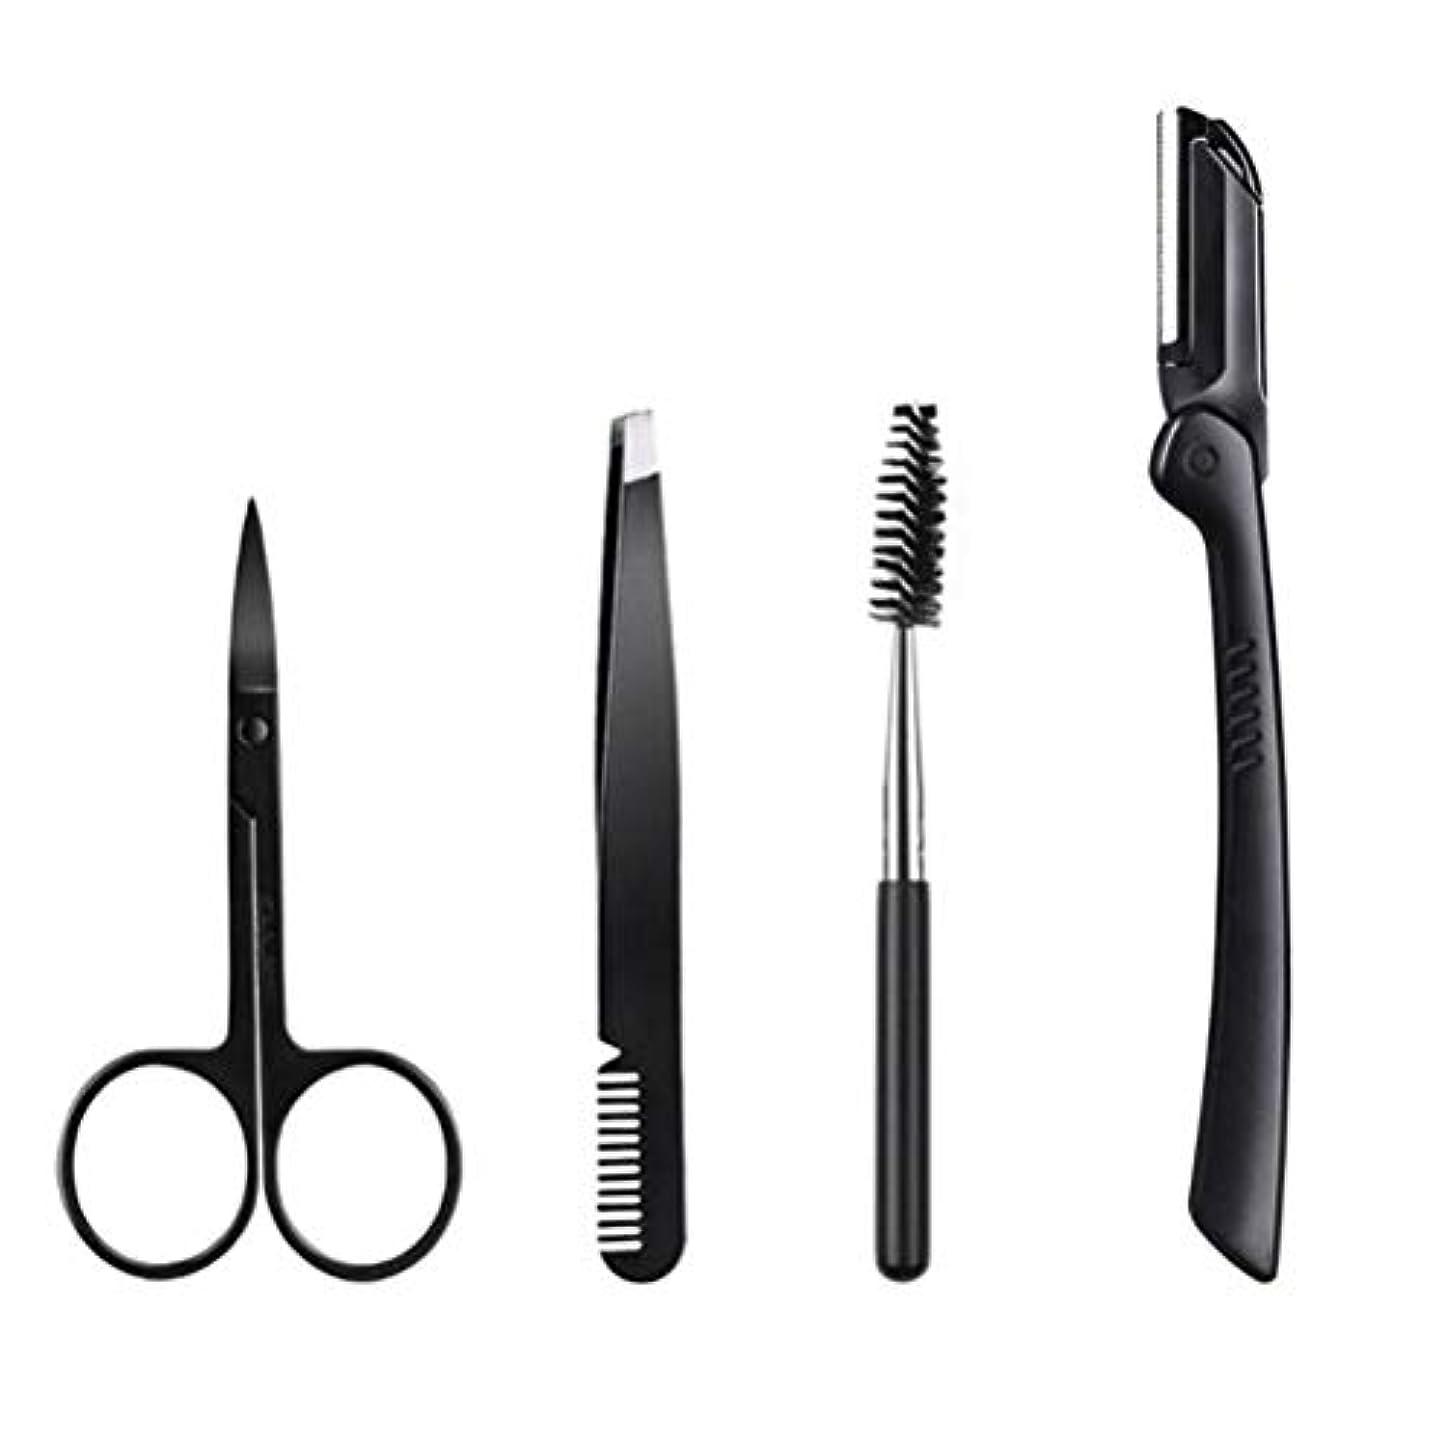 農学学ぶ枠Lurrose 眉毛キット眉毛トリマーかみそりピンセットはさみステンシルブラシ眉毛グルーミングセット用女性と男性3ピース